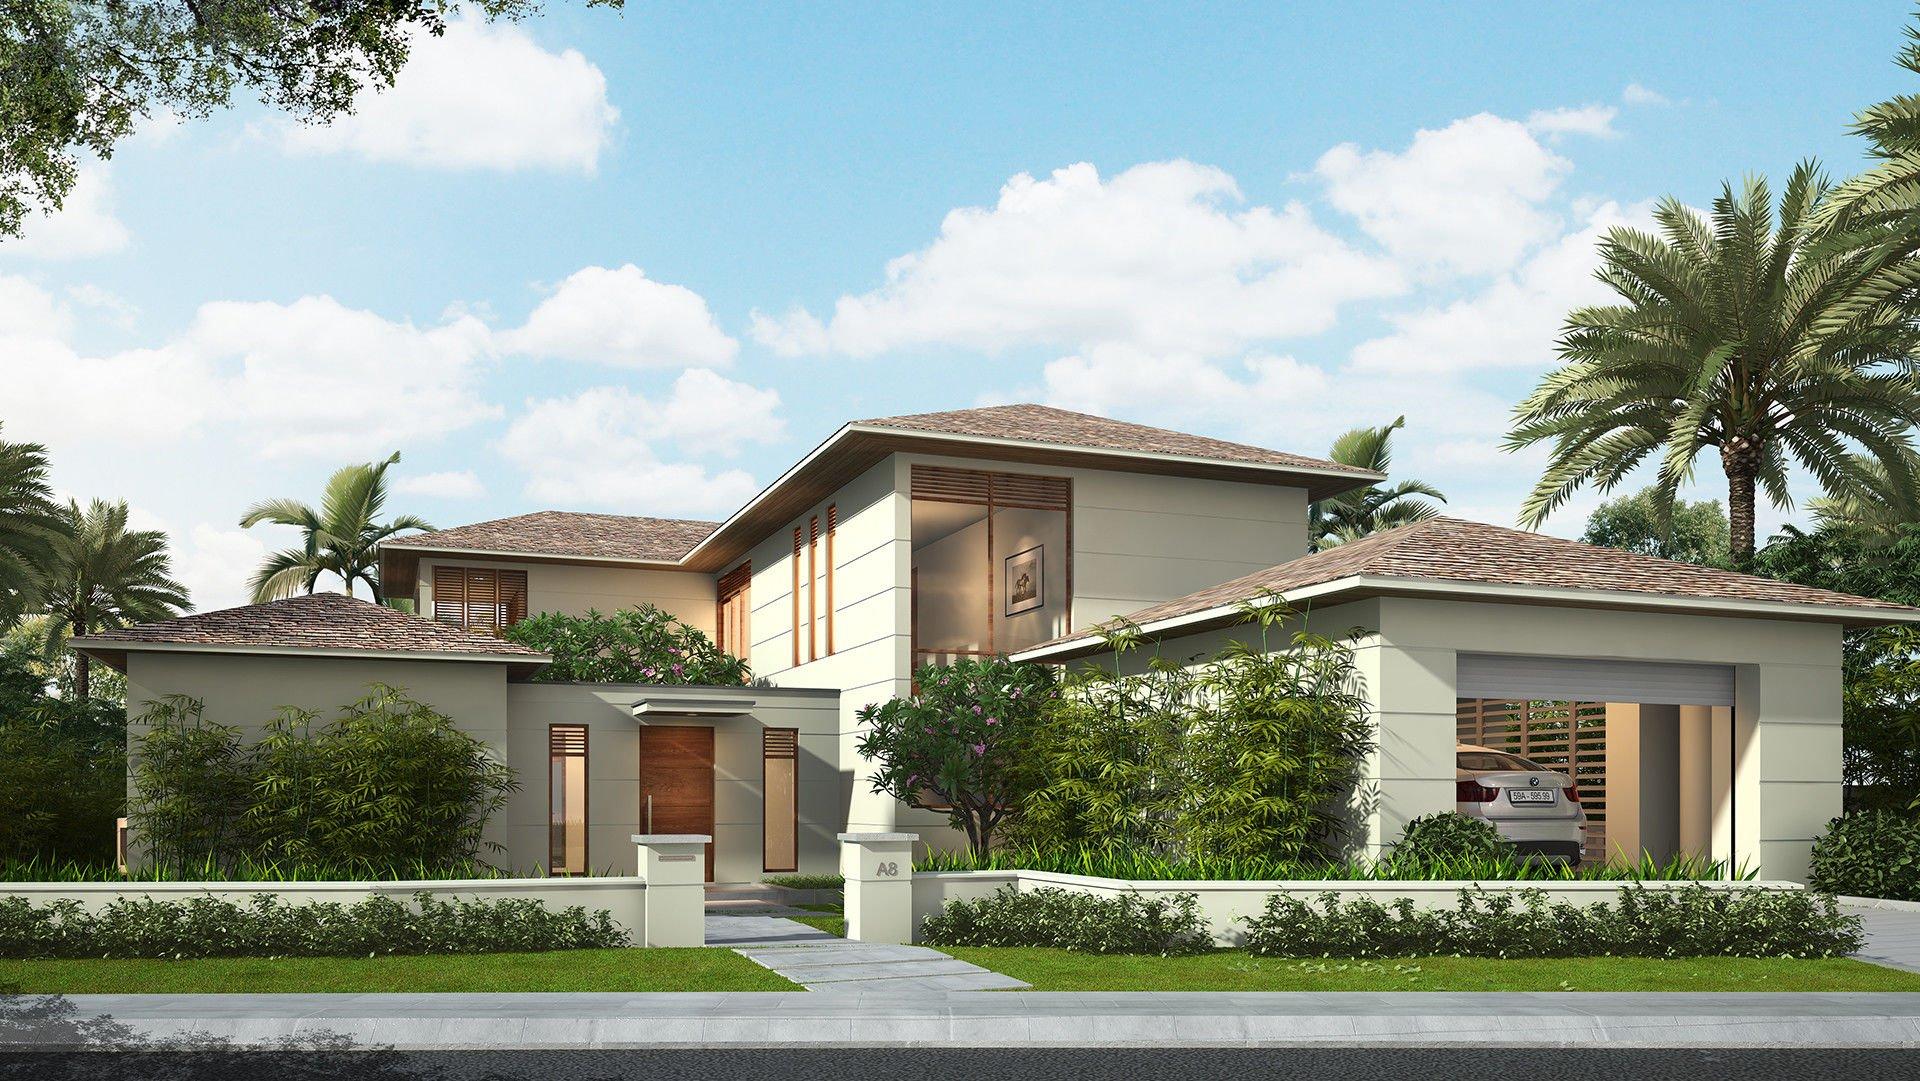 mẫu thiết kế biệt thự nhà vườn đẹp 7